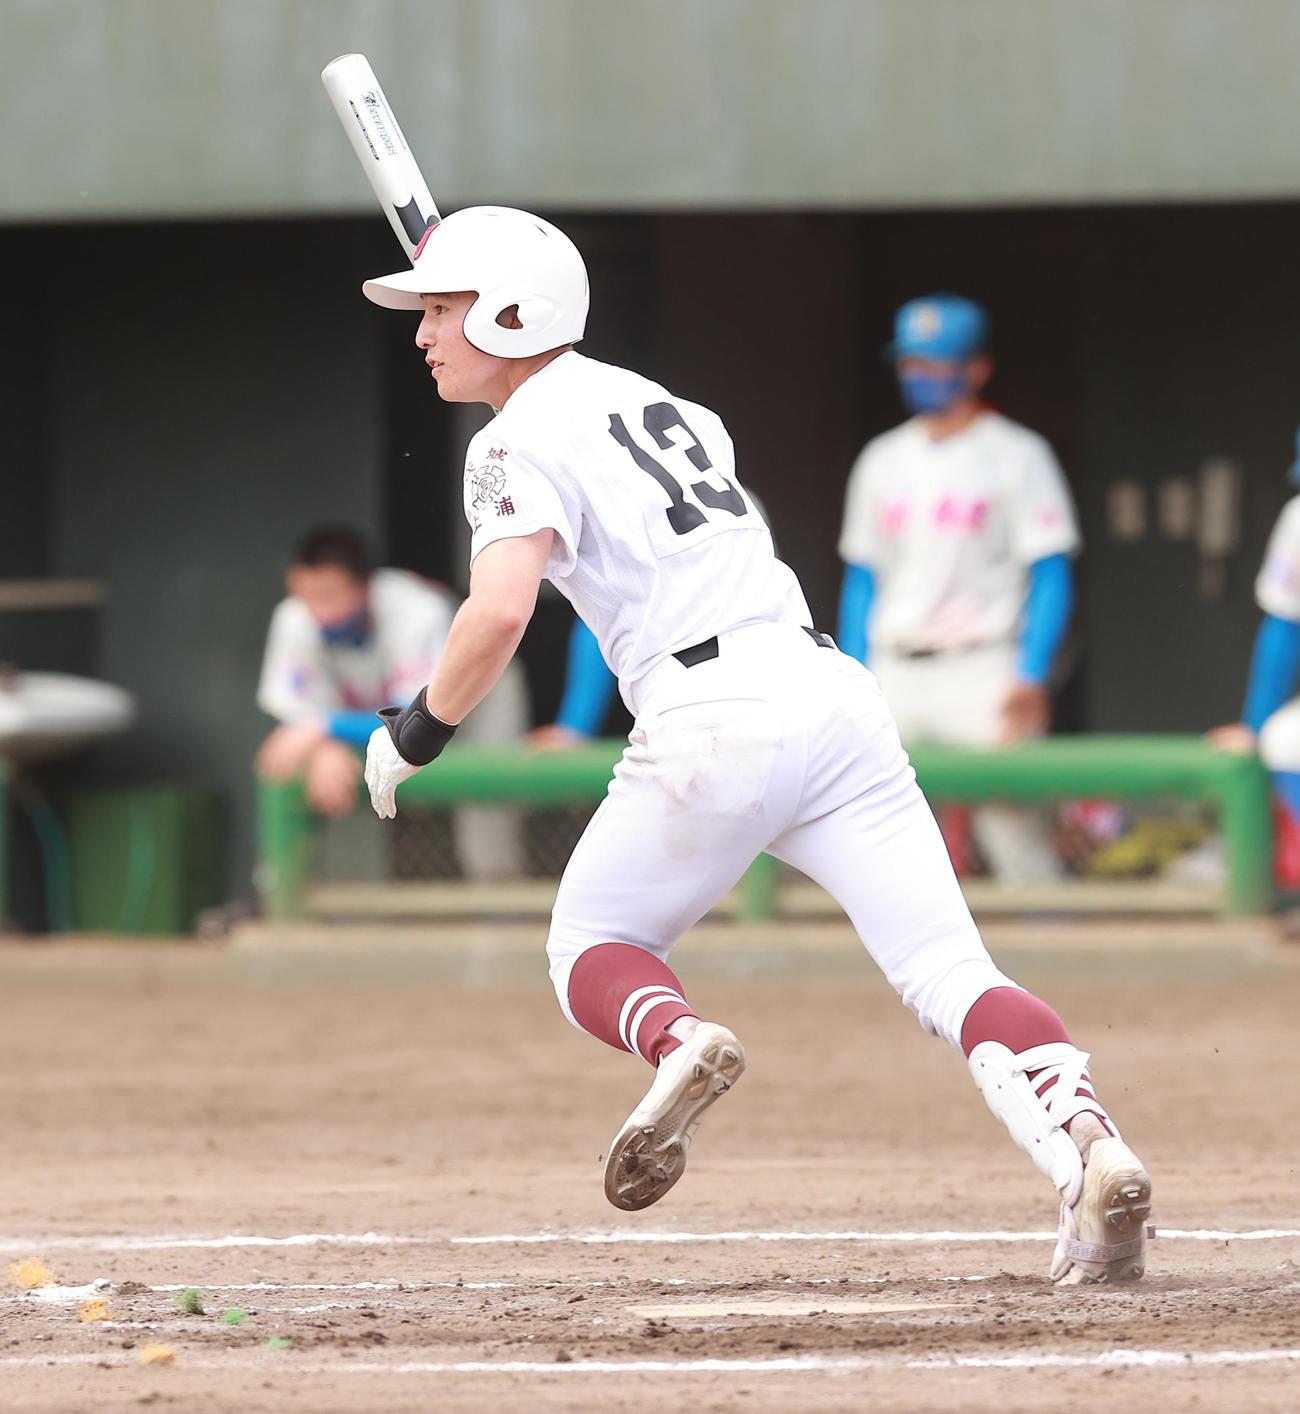 花咲徳栄対常総学院 7回裏常総学院2死満塁、中前2点適時打を放つ加藤(撮影・野上伸悟)